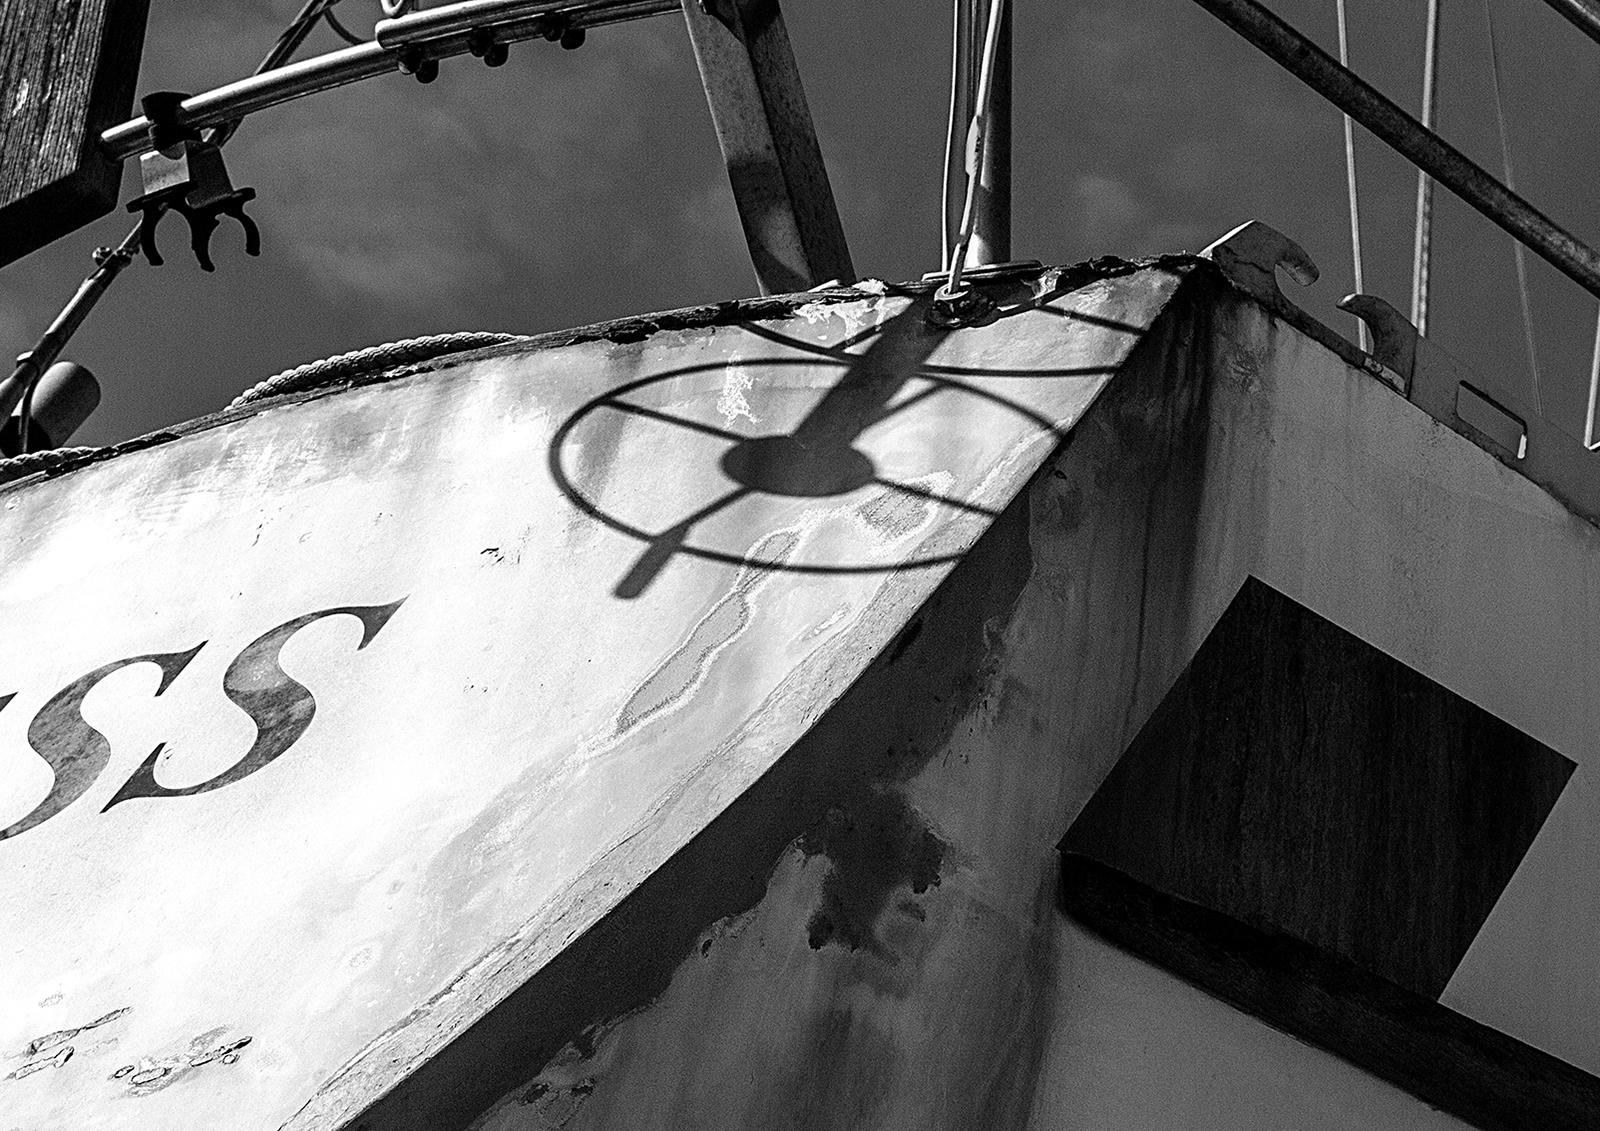 Boat in Dock - Jean Wigglesworth